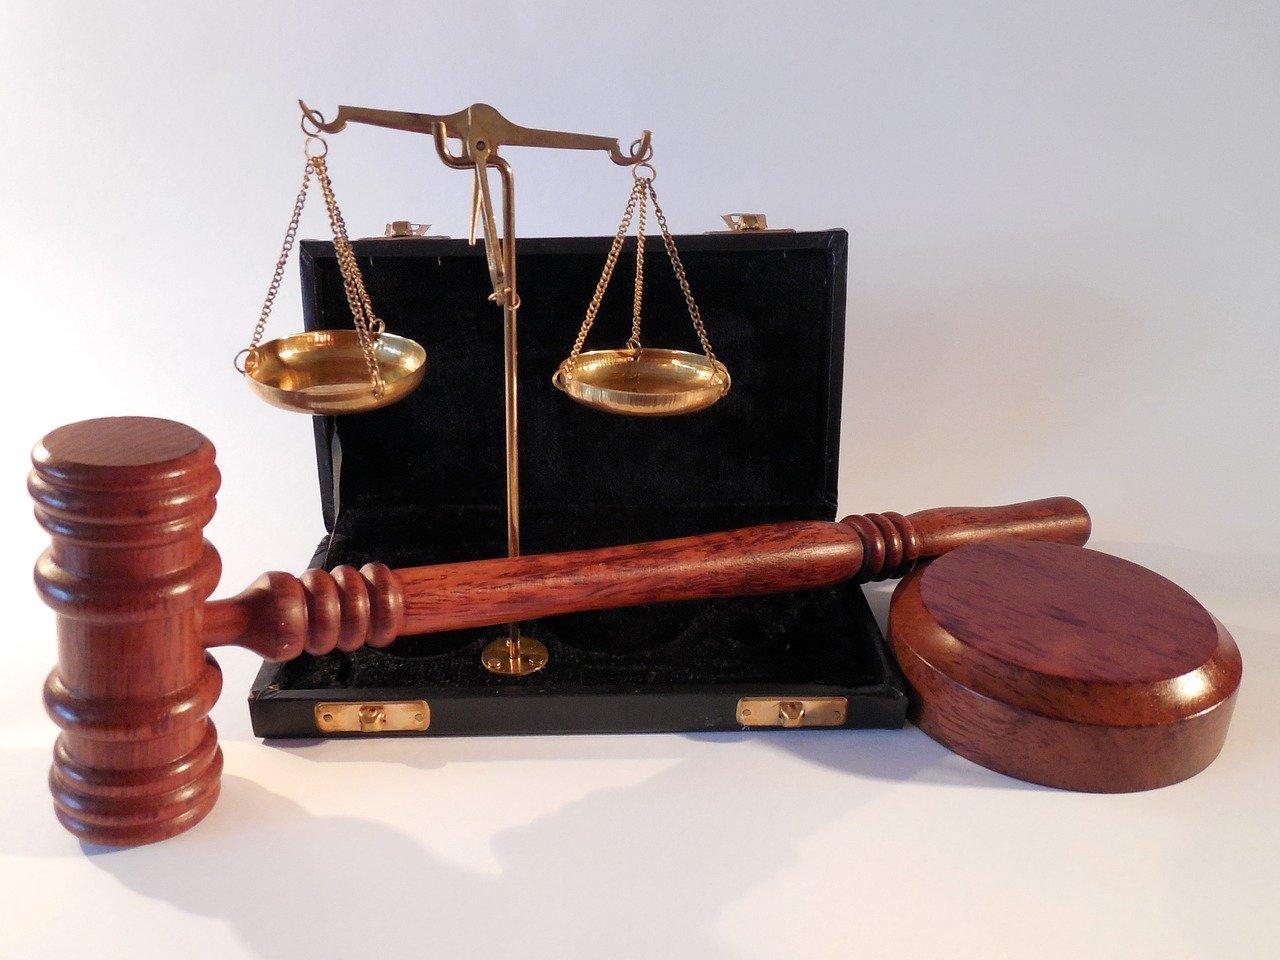 Restituzione caparra affitto quando scatta e quando trattenerla I casi